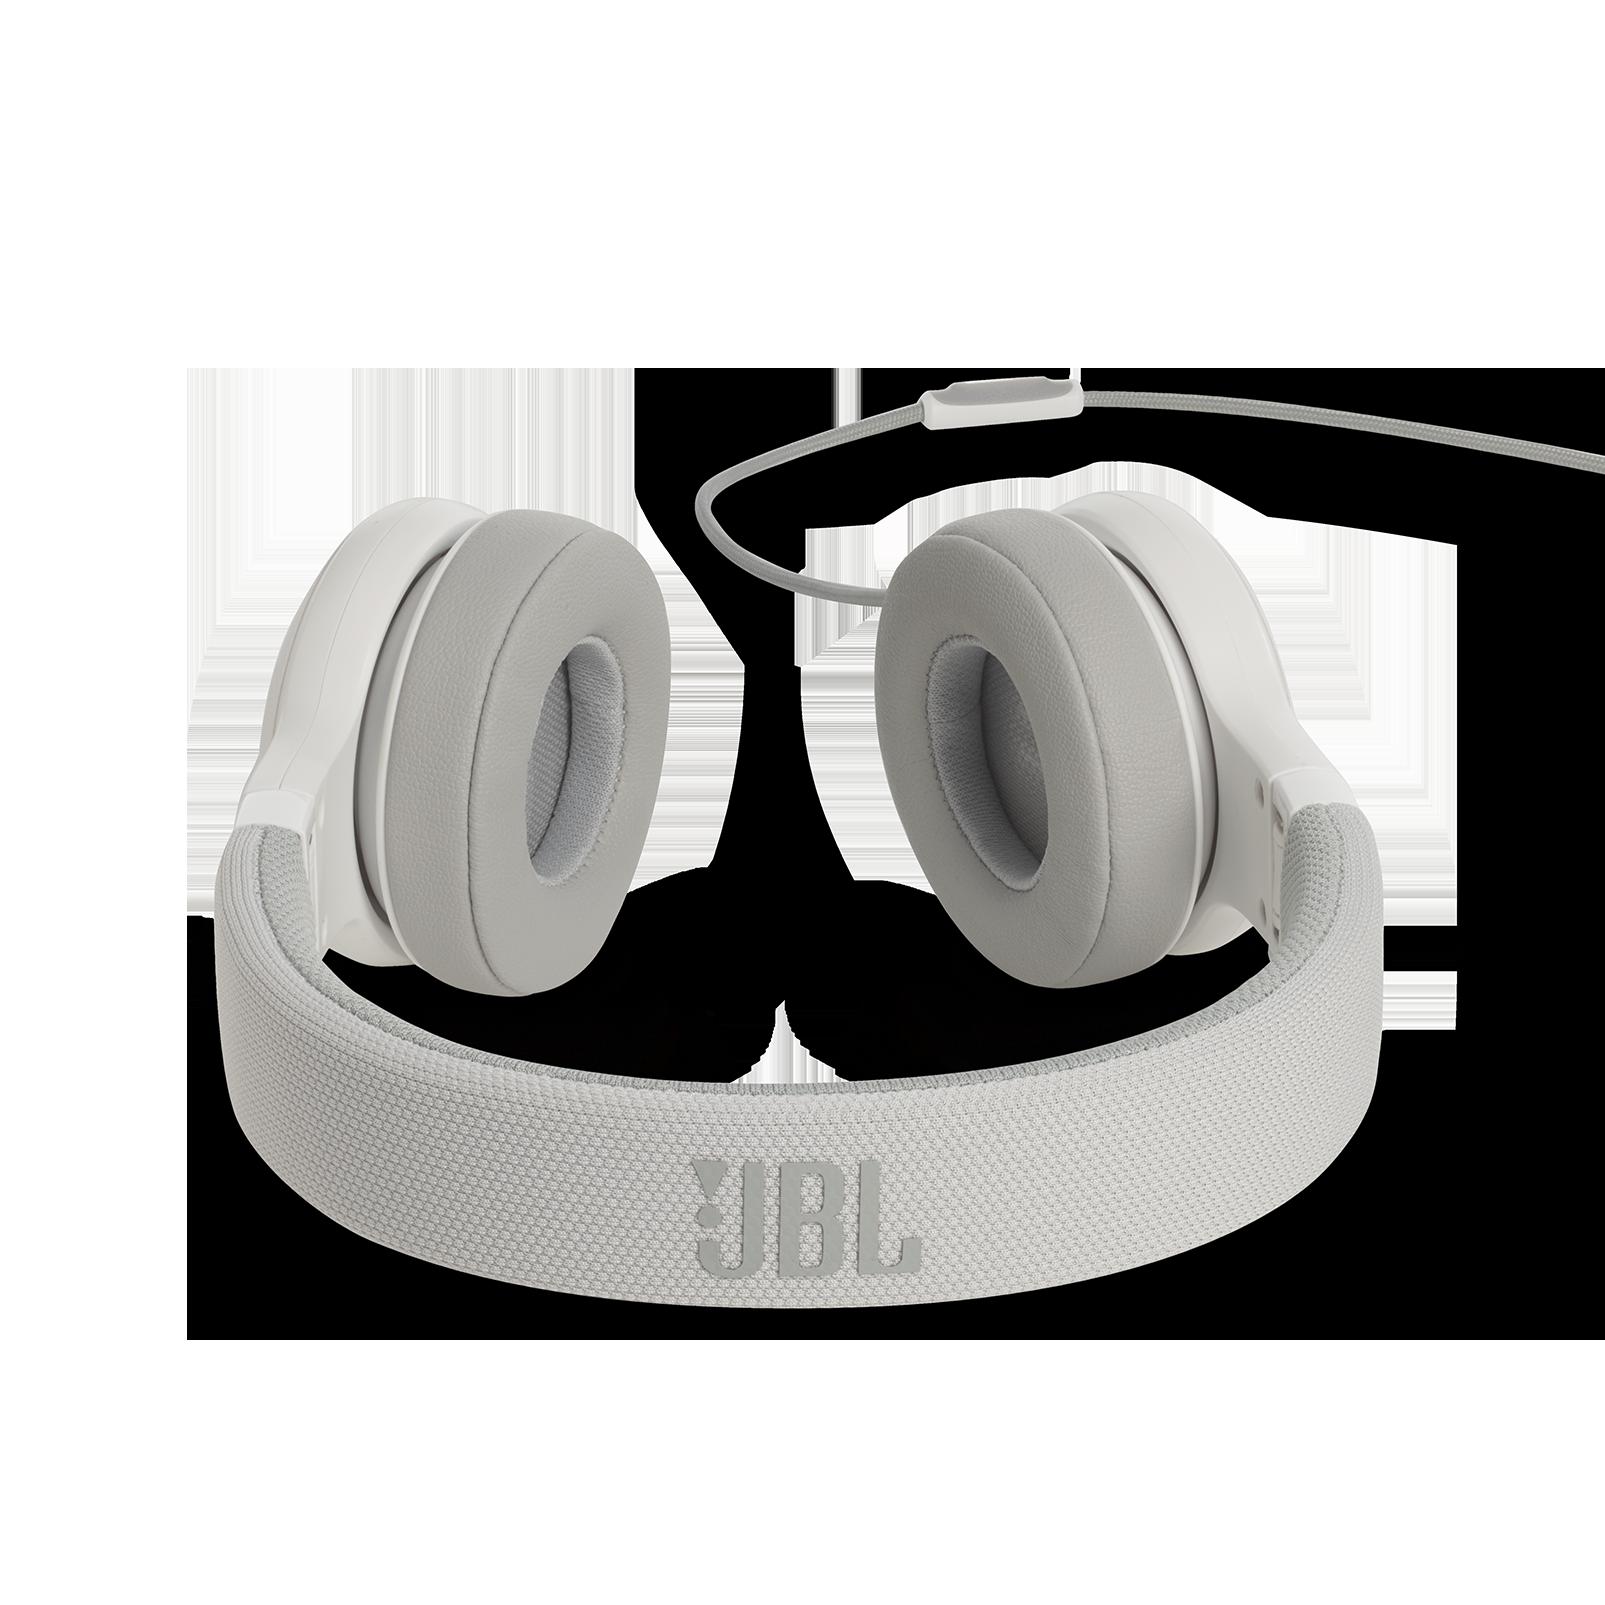 E35 - White - On-ear headphones - Detailshot 4